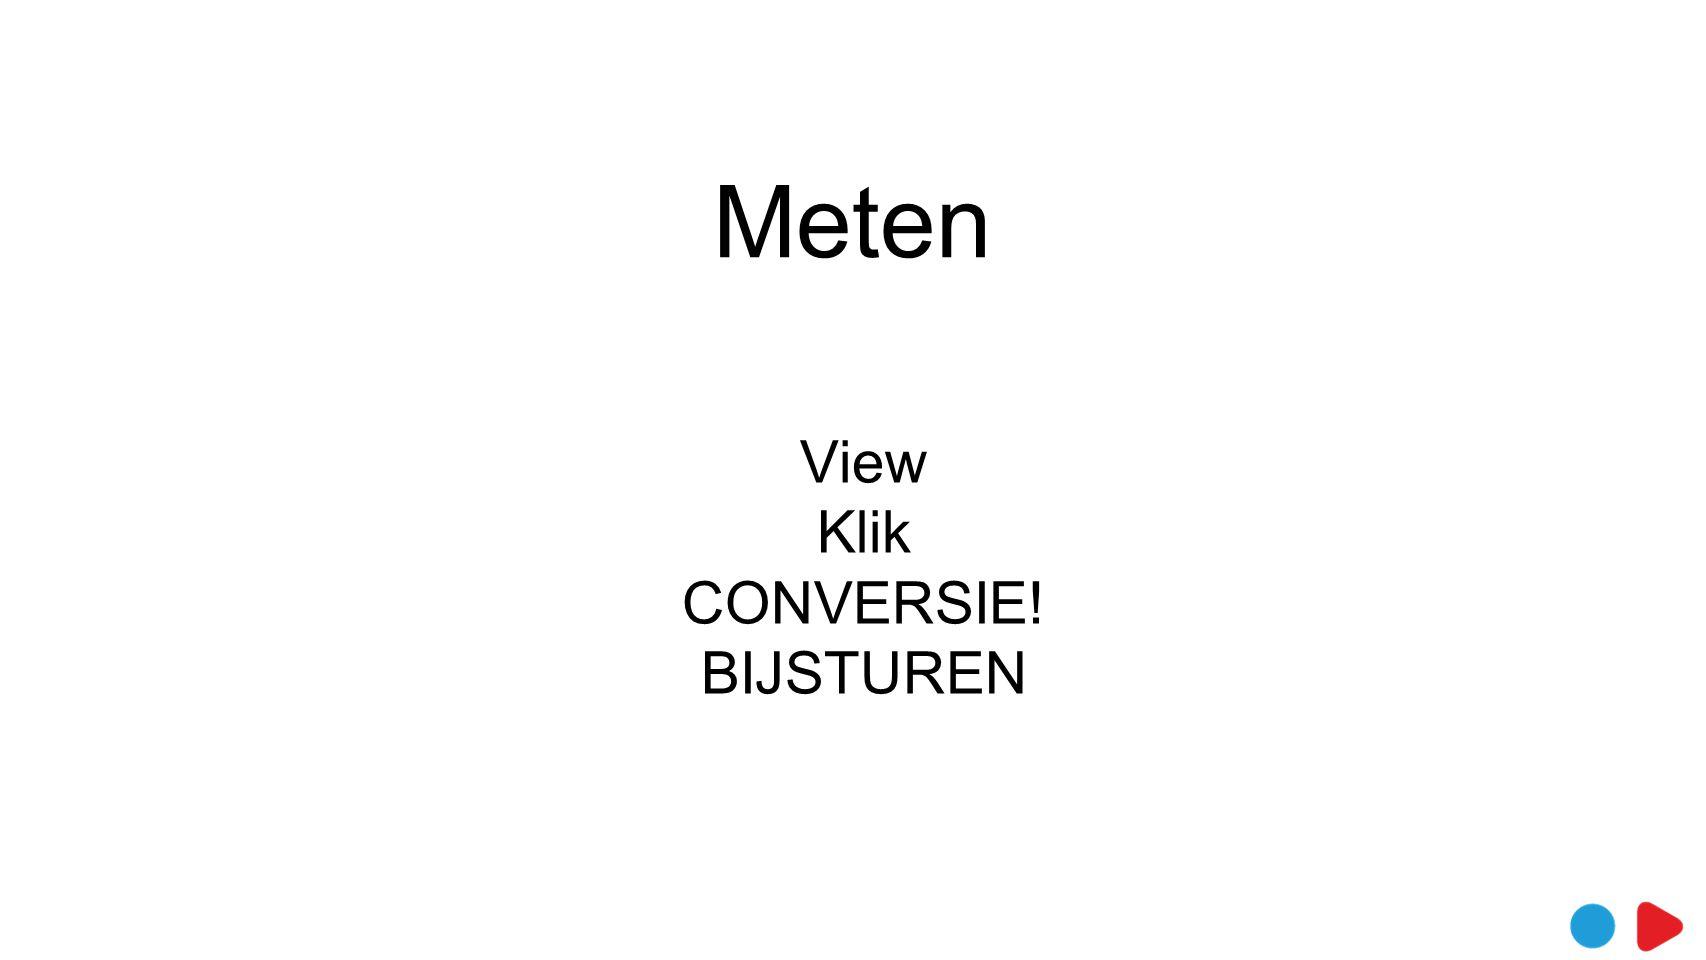 View Klik CONVERSIE! BIJSTUREN